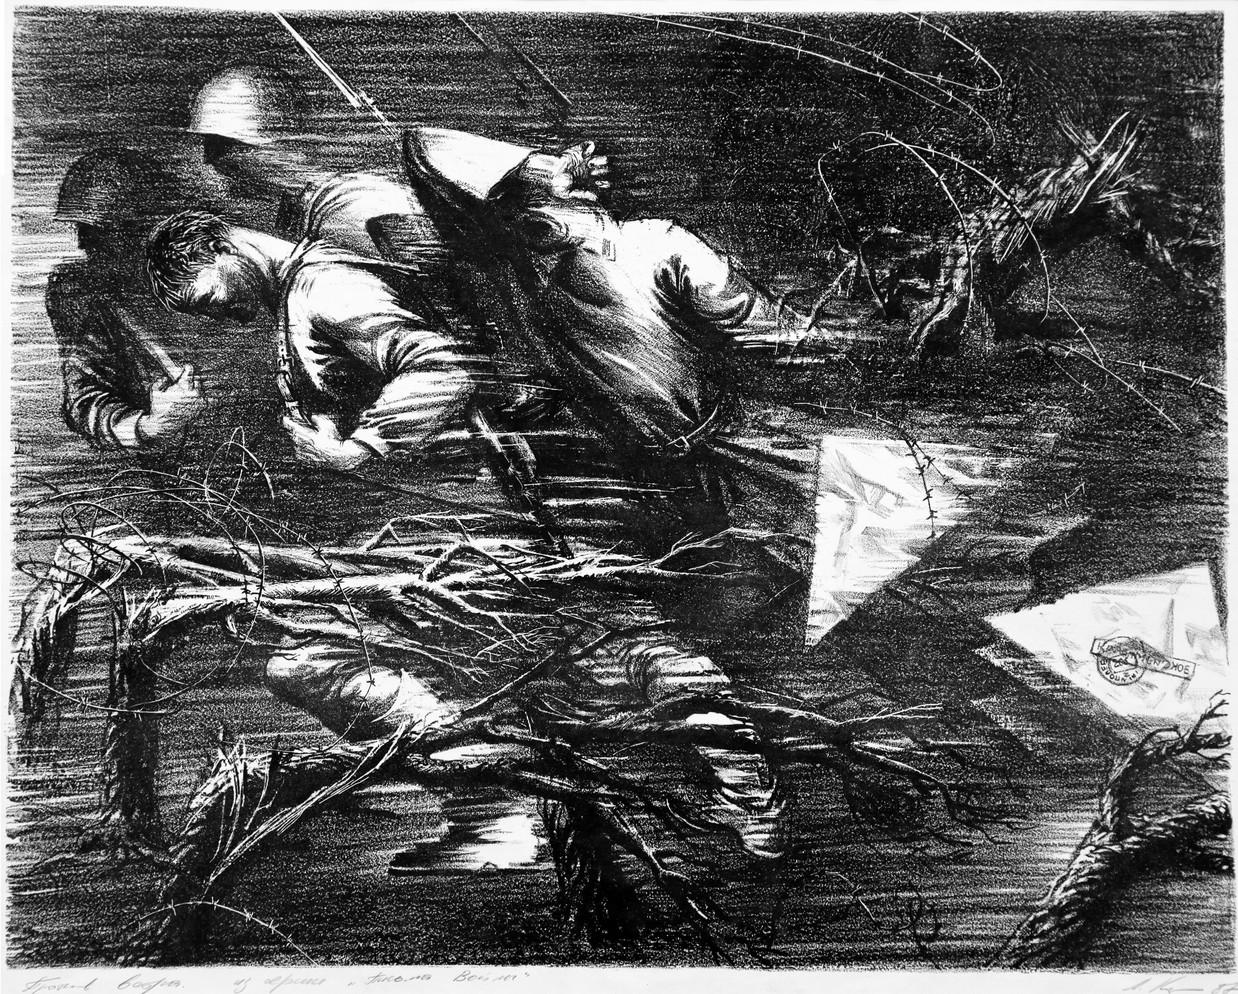 Против ветра. Из серии Письма войны. бум. литография. А.А. Корольчук